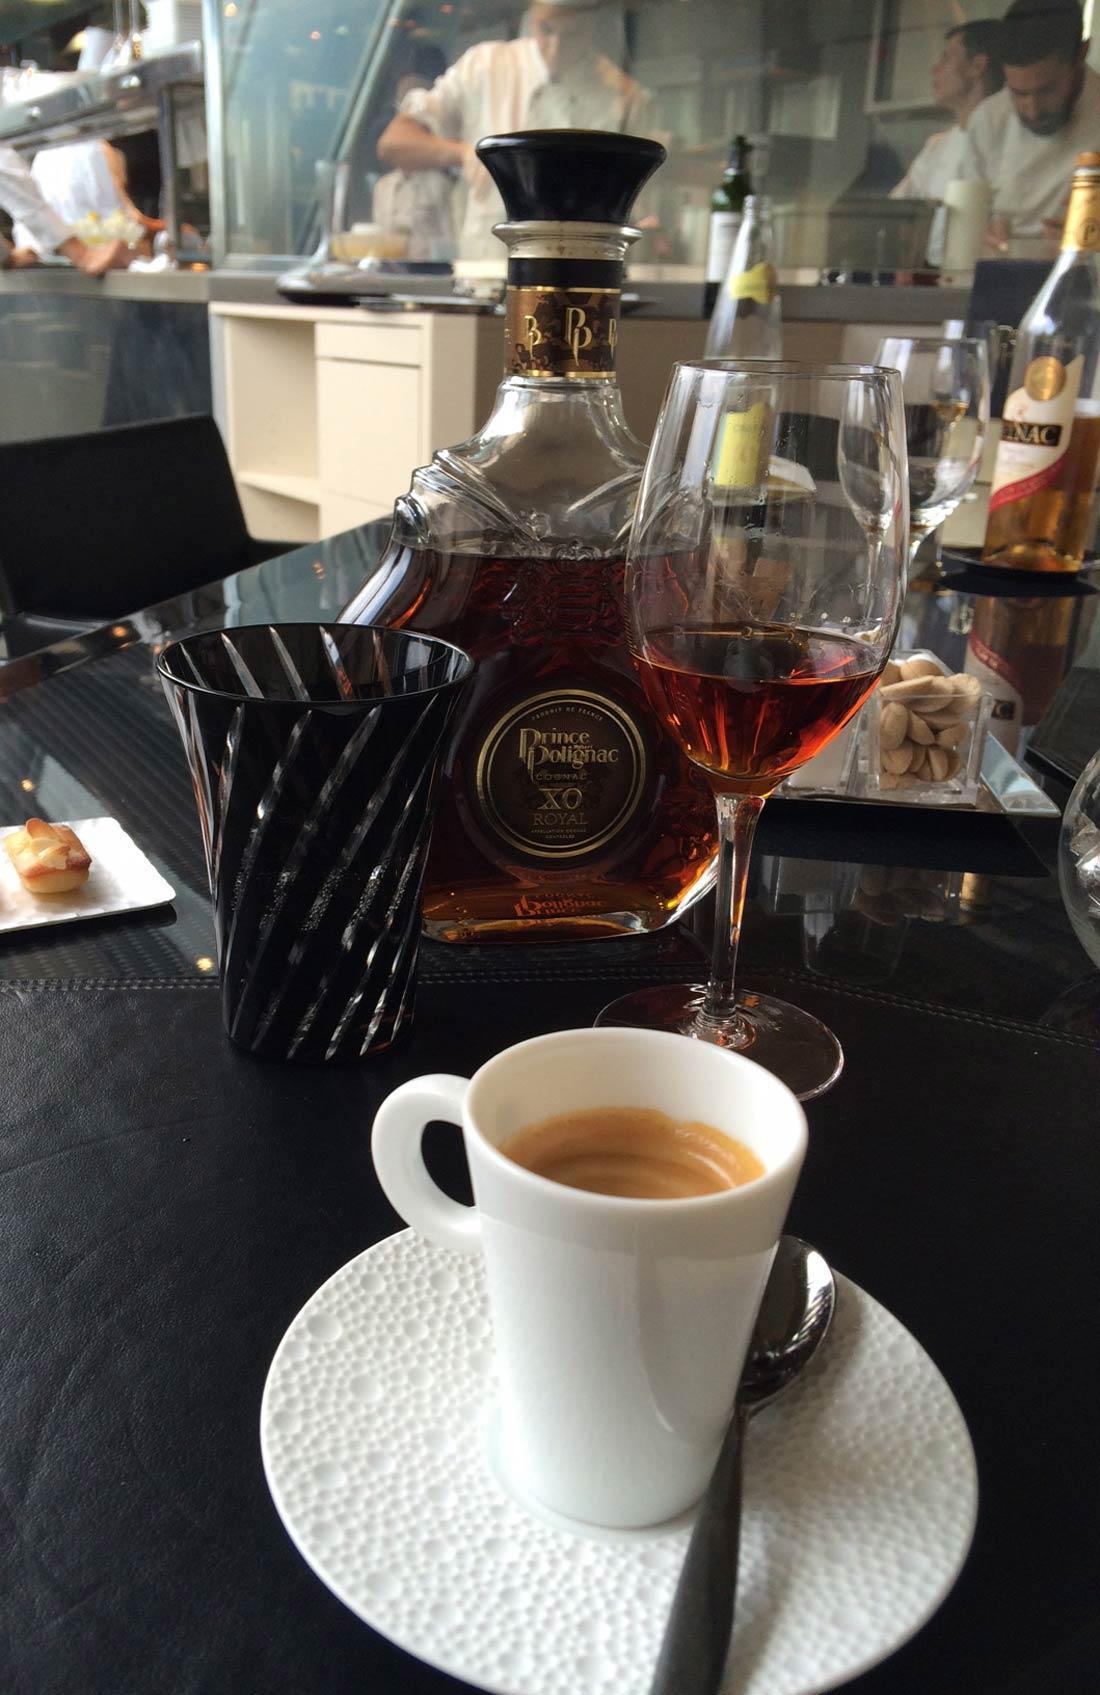 café Prince Hubert de Polignac XO royal